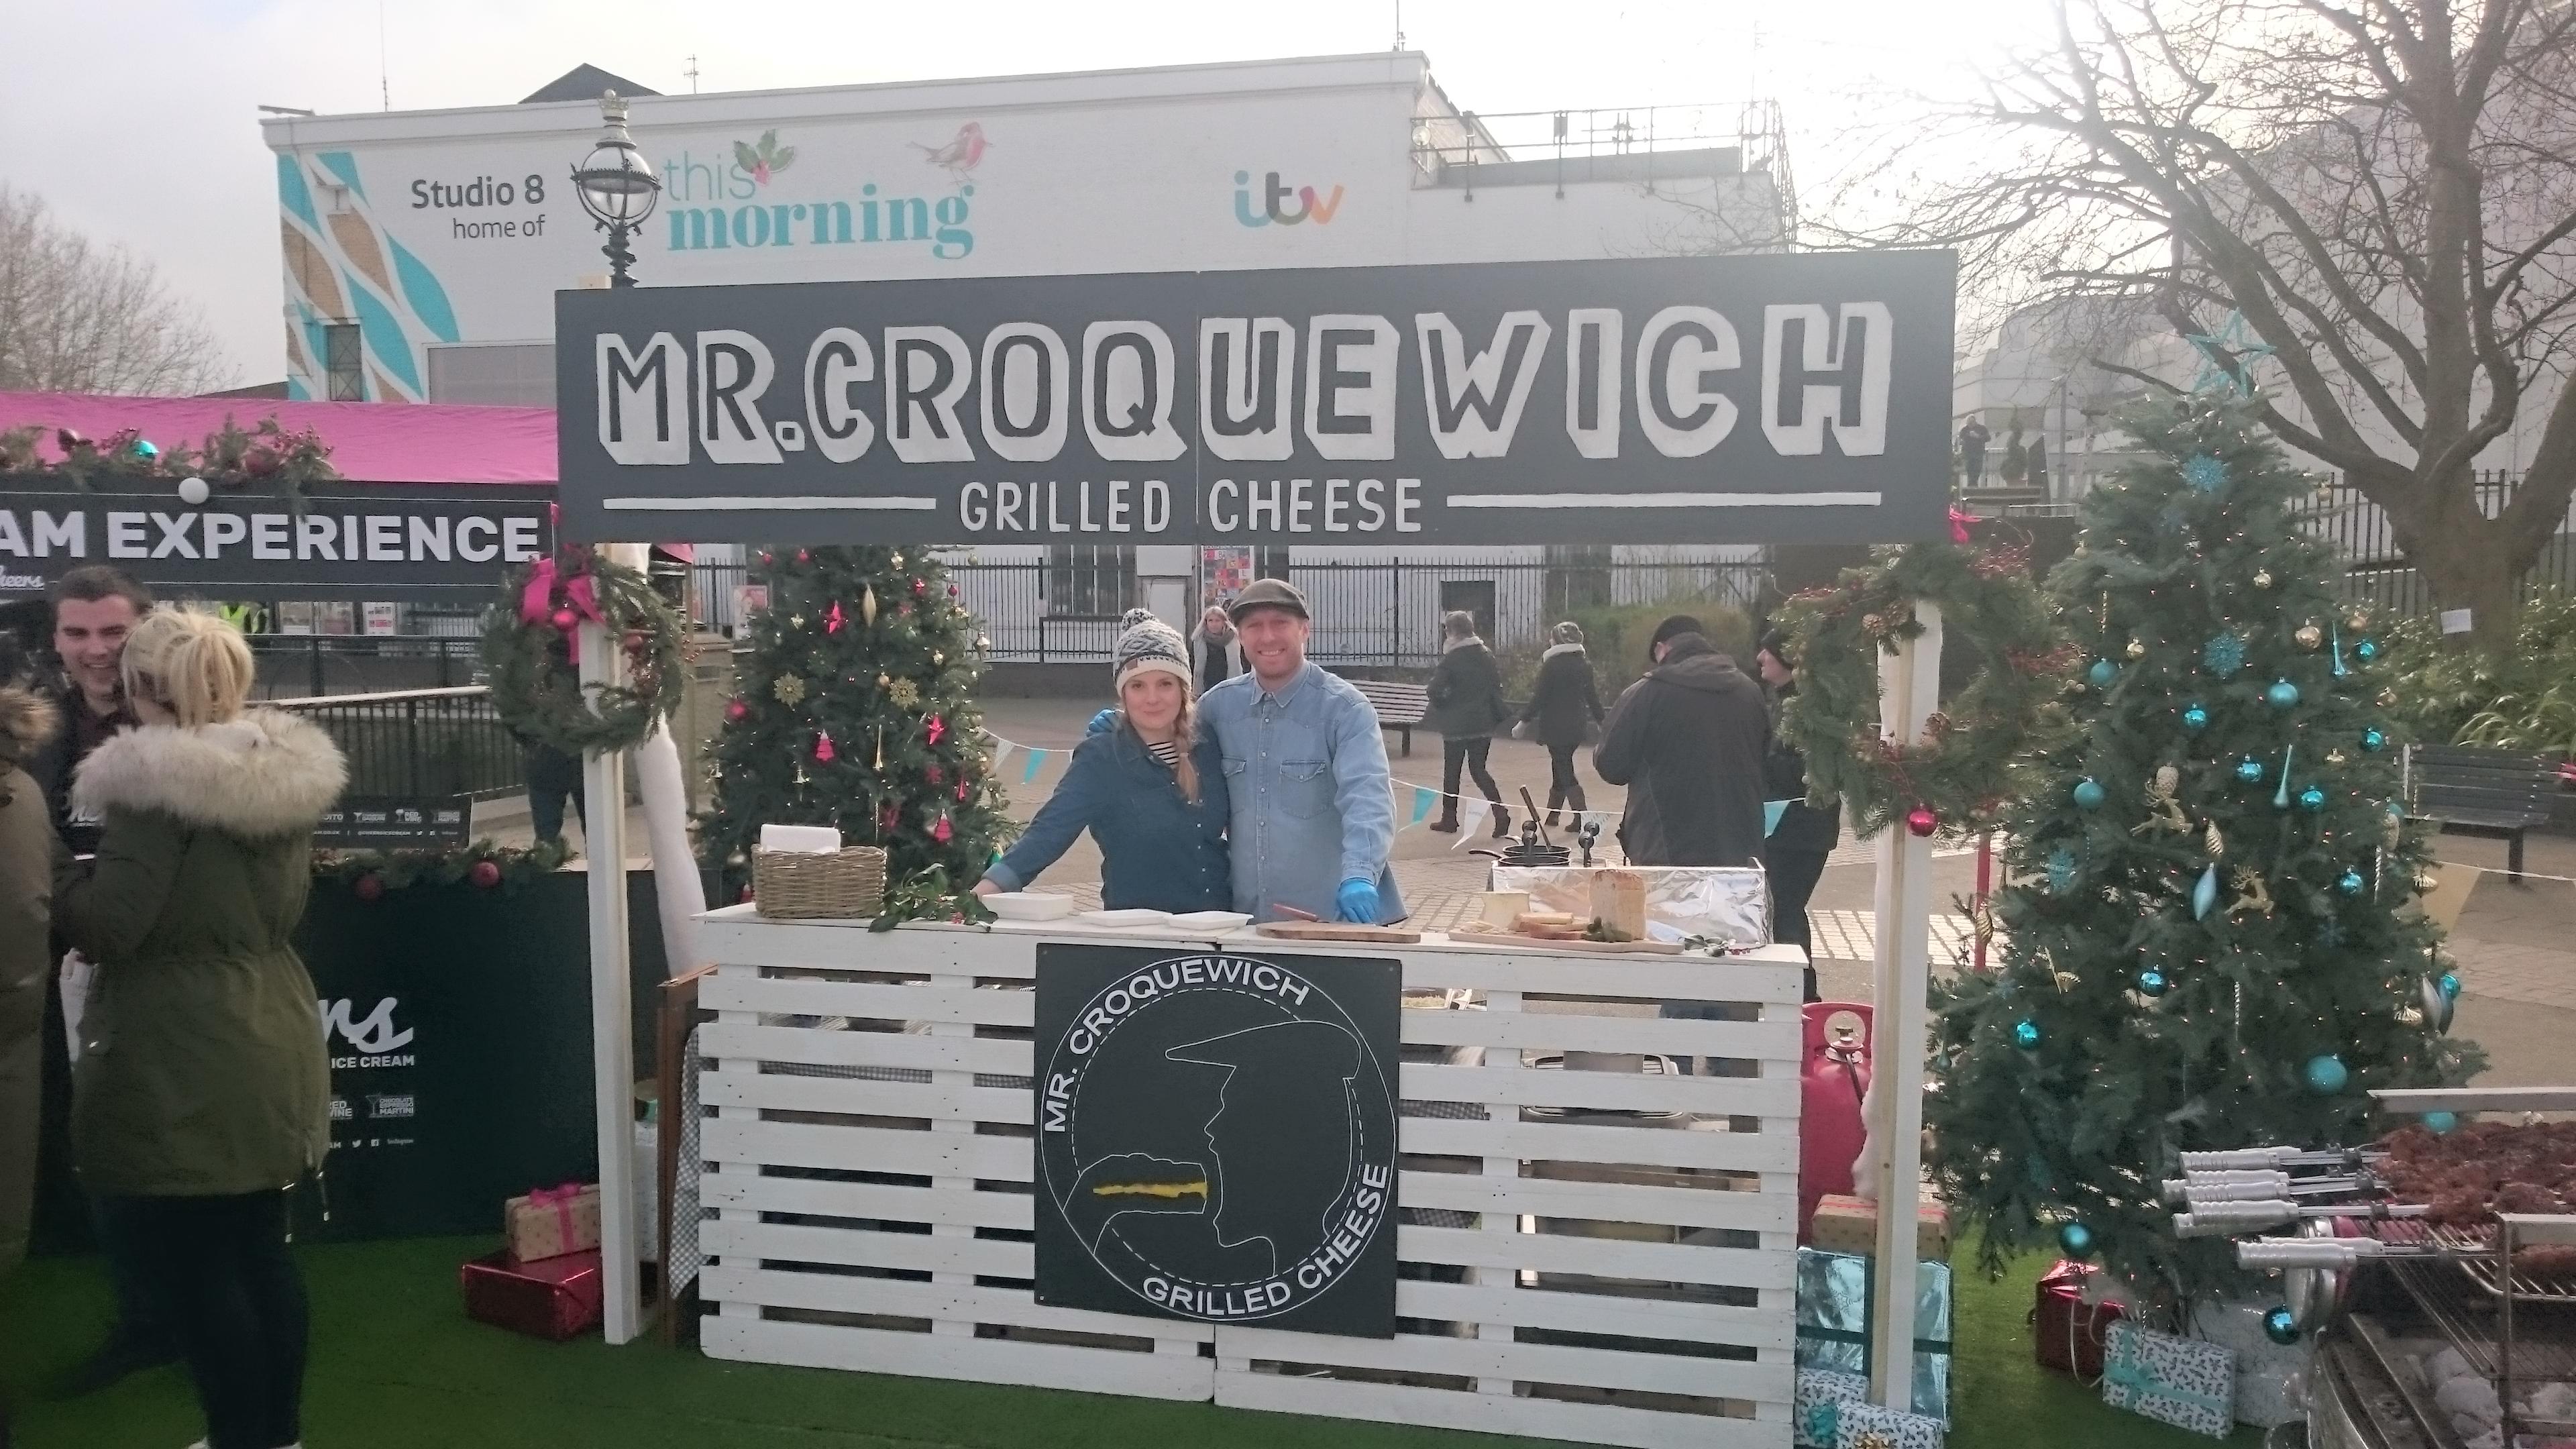 Mr Croquewich Cardiff